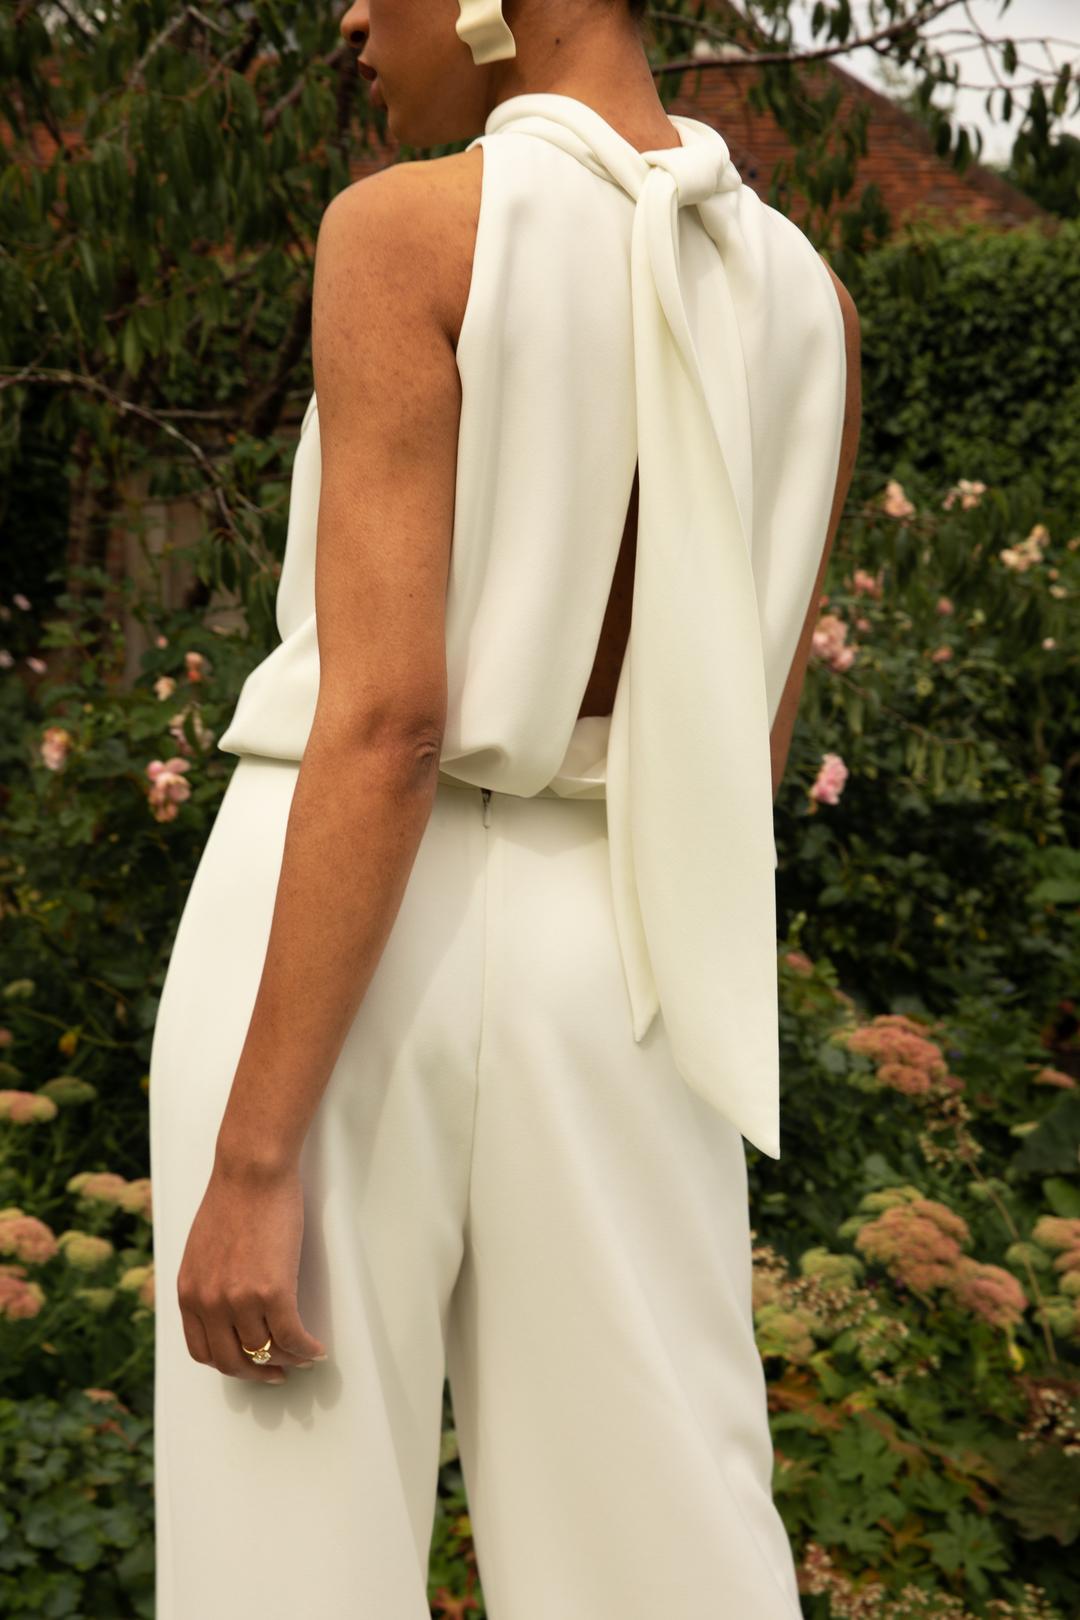 style 007 // jumpsuit dress photo